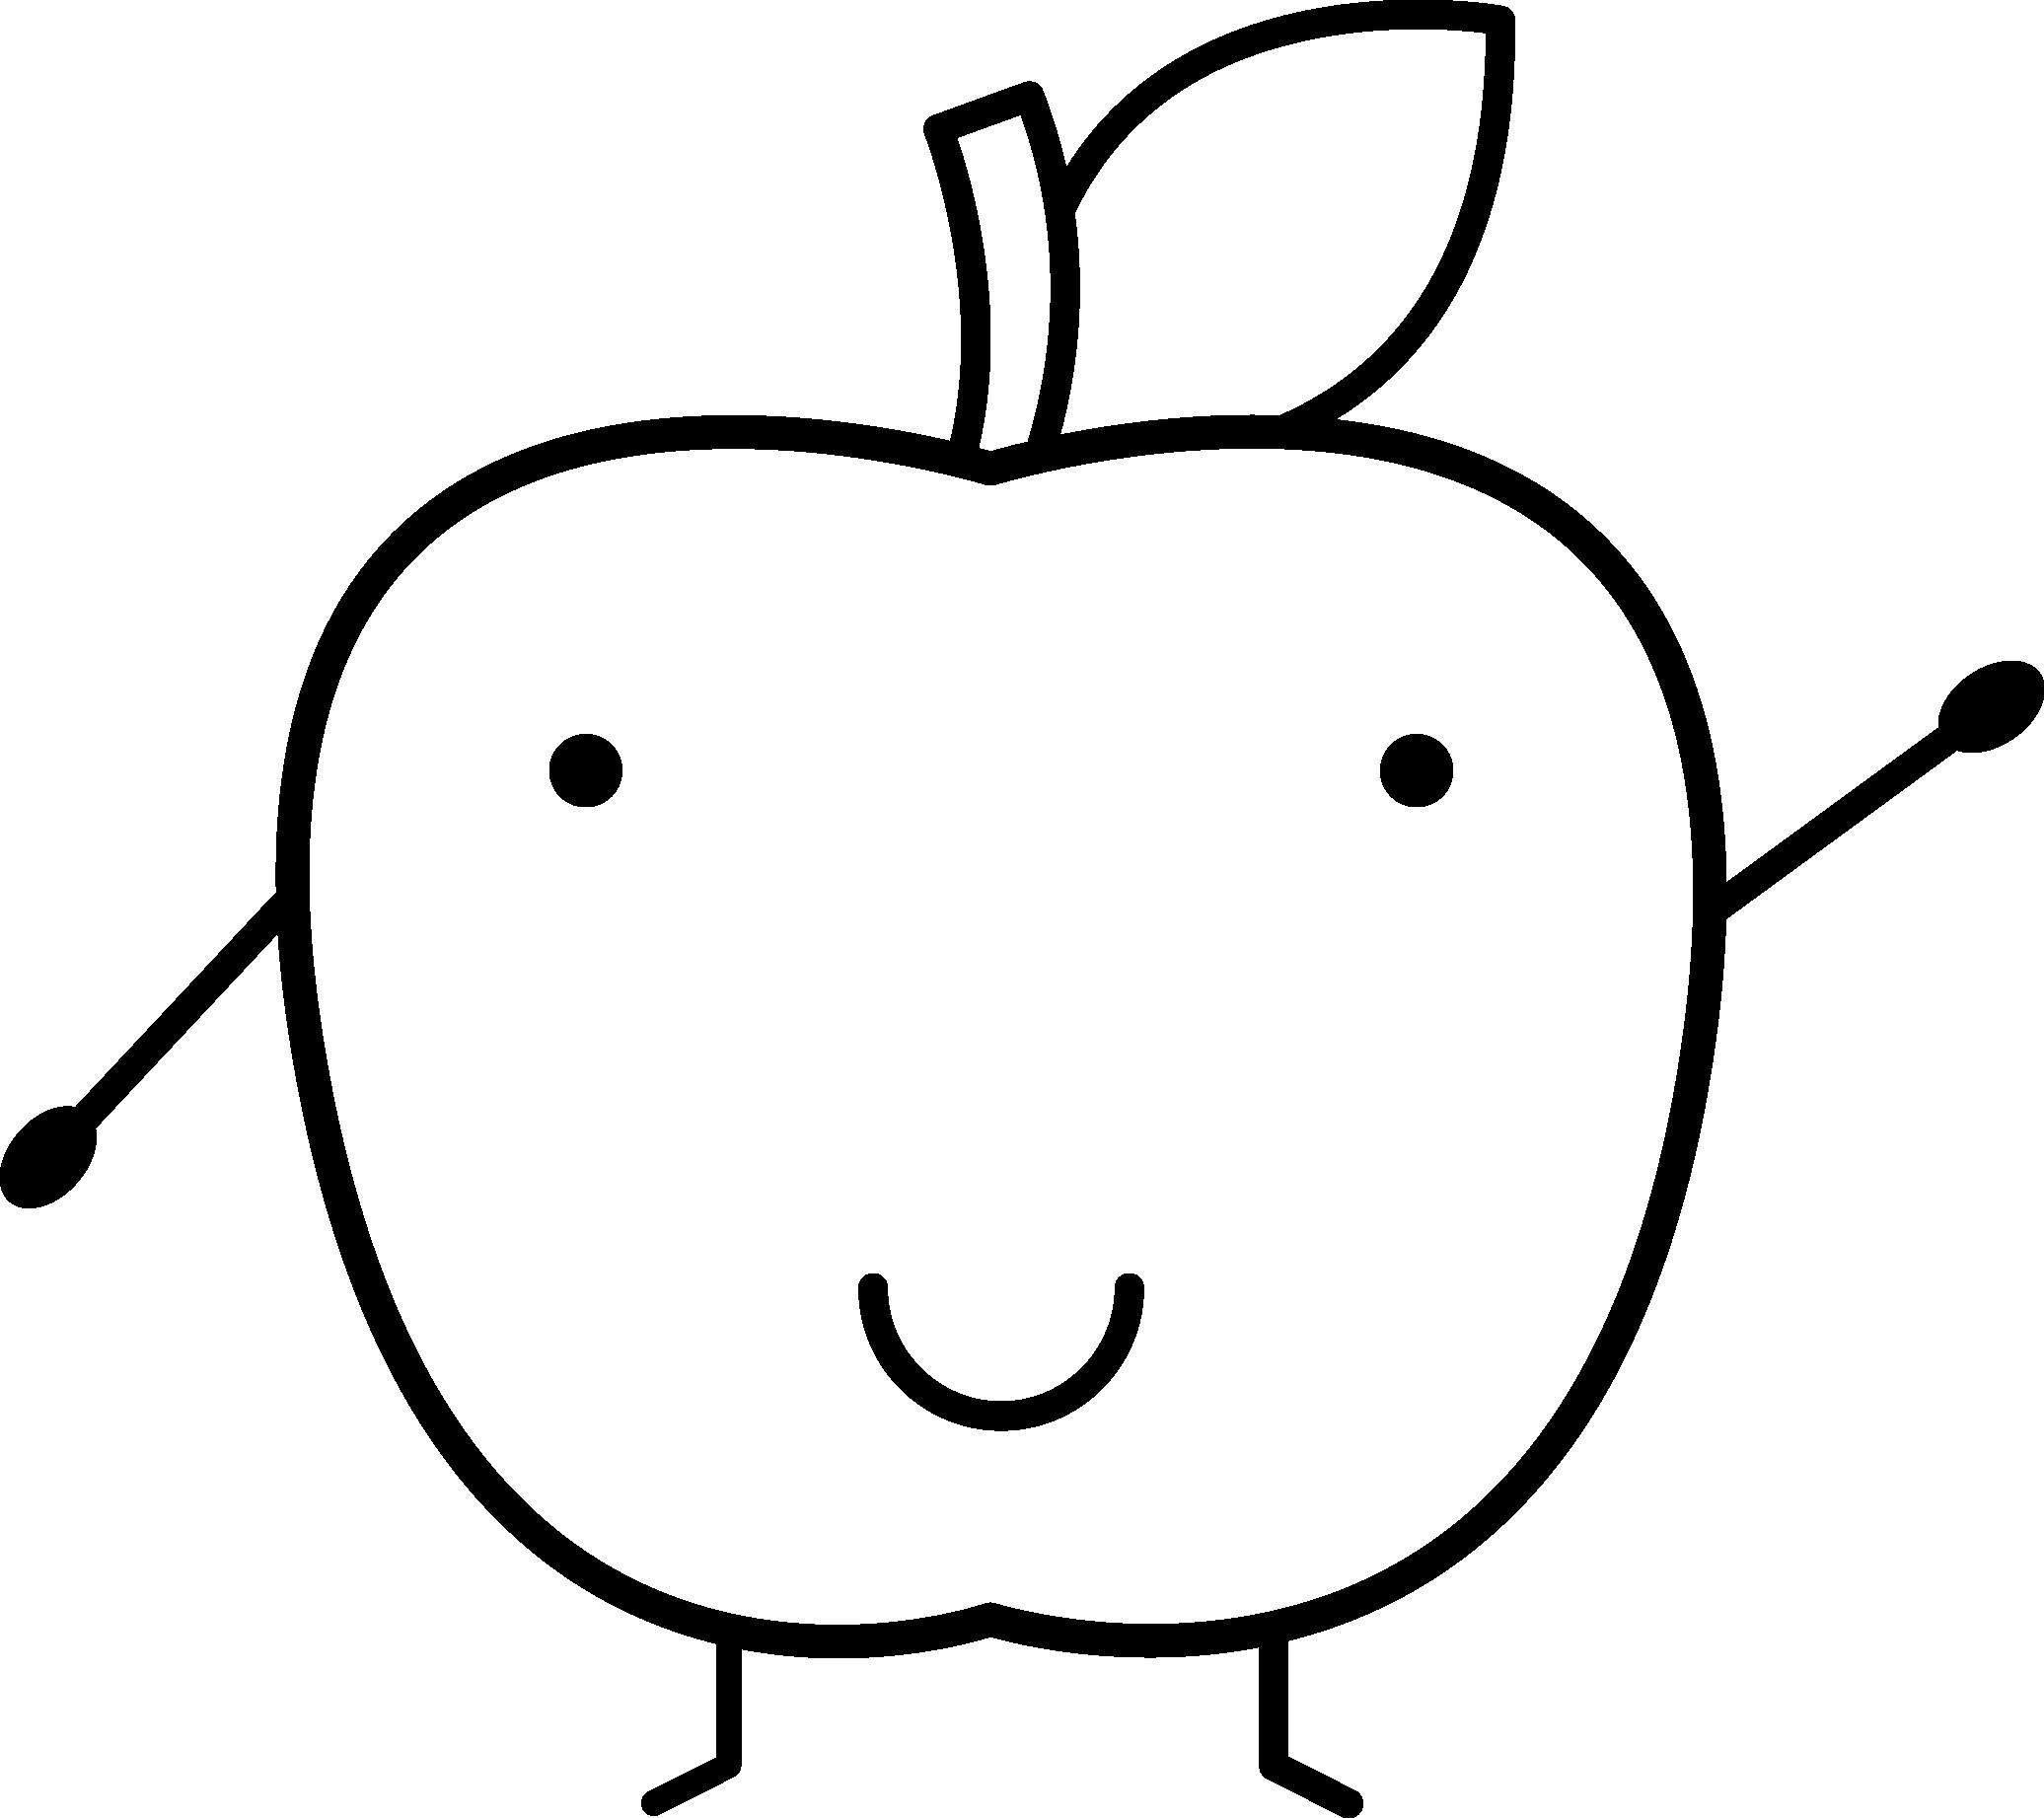 Apfel Zum Ausmalen Frisch Apple Bilder Zum Ausmalen Beeindruckend Smiling Apple Fotos